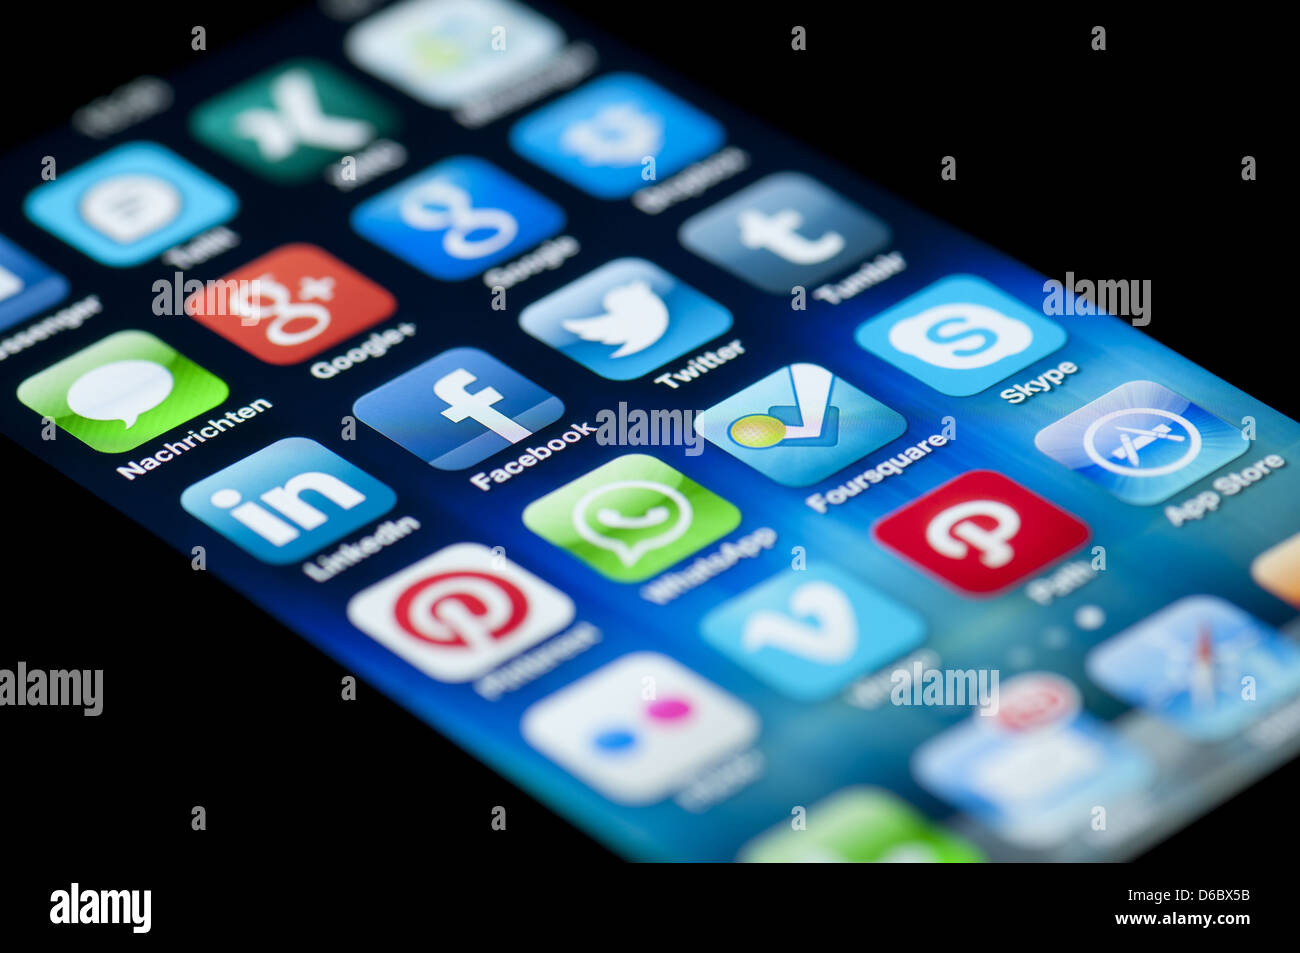 Close-up of an Apple iPhone 5 écran montrant l'App Store et de différents médias sociaux apps. Photo Stock